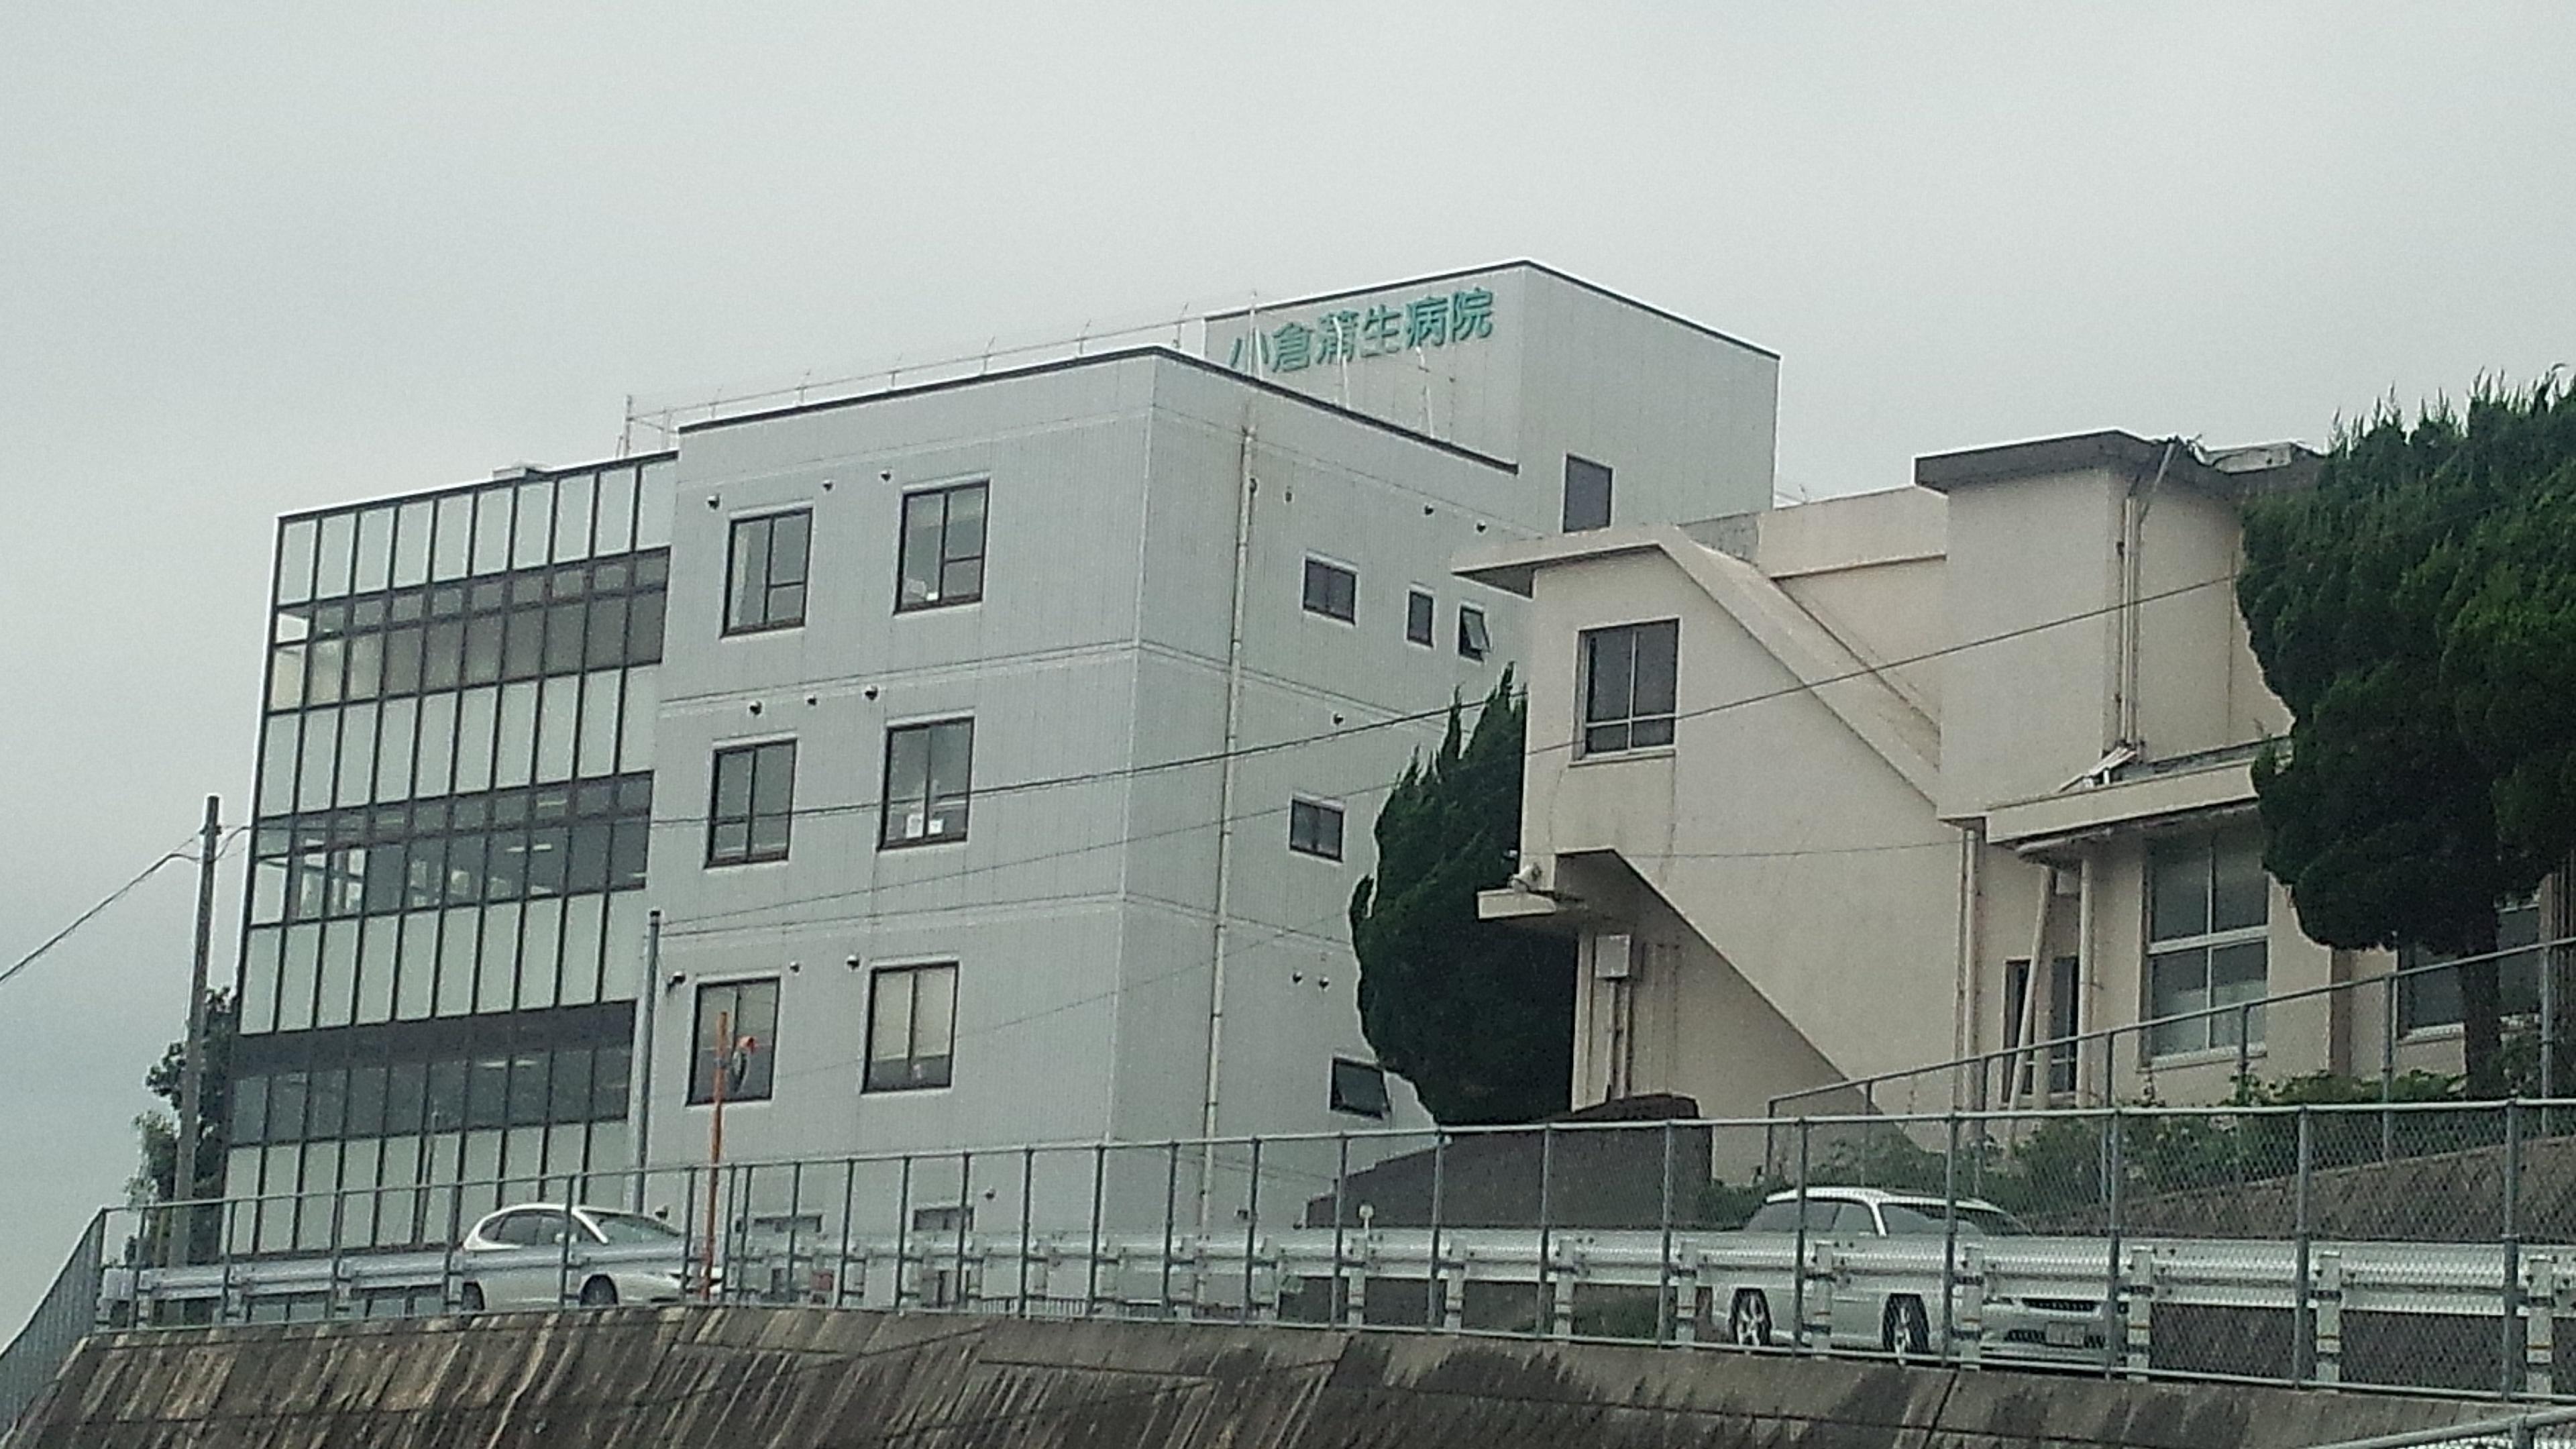 小倉蒲生病院のイメージ写真1